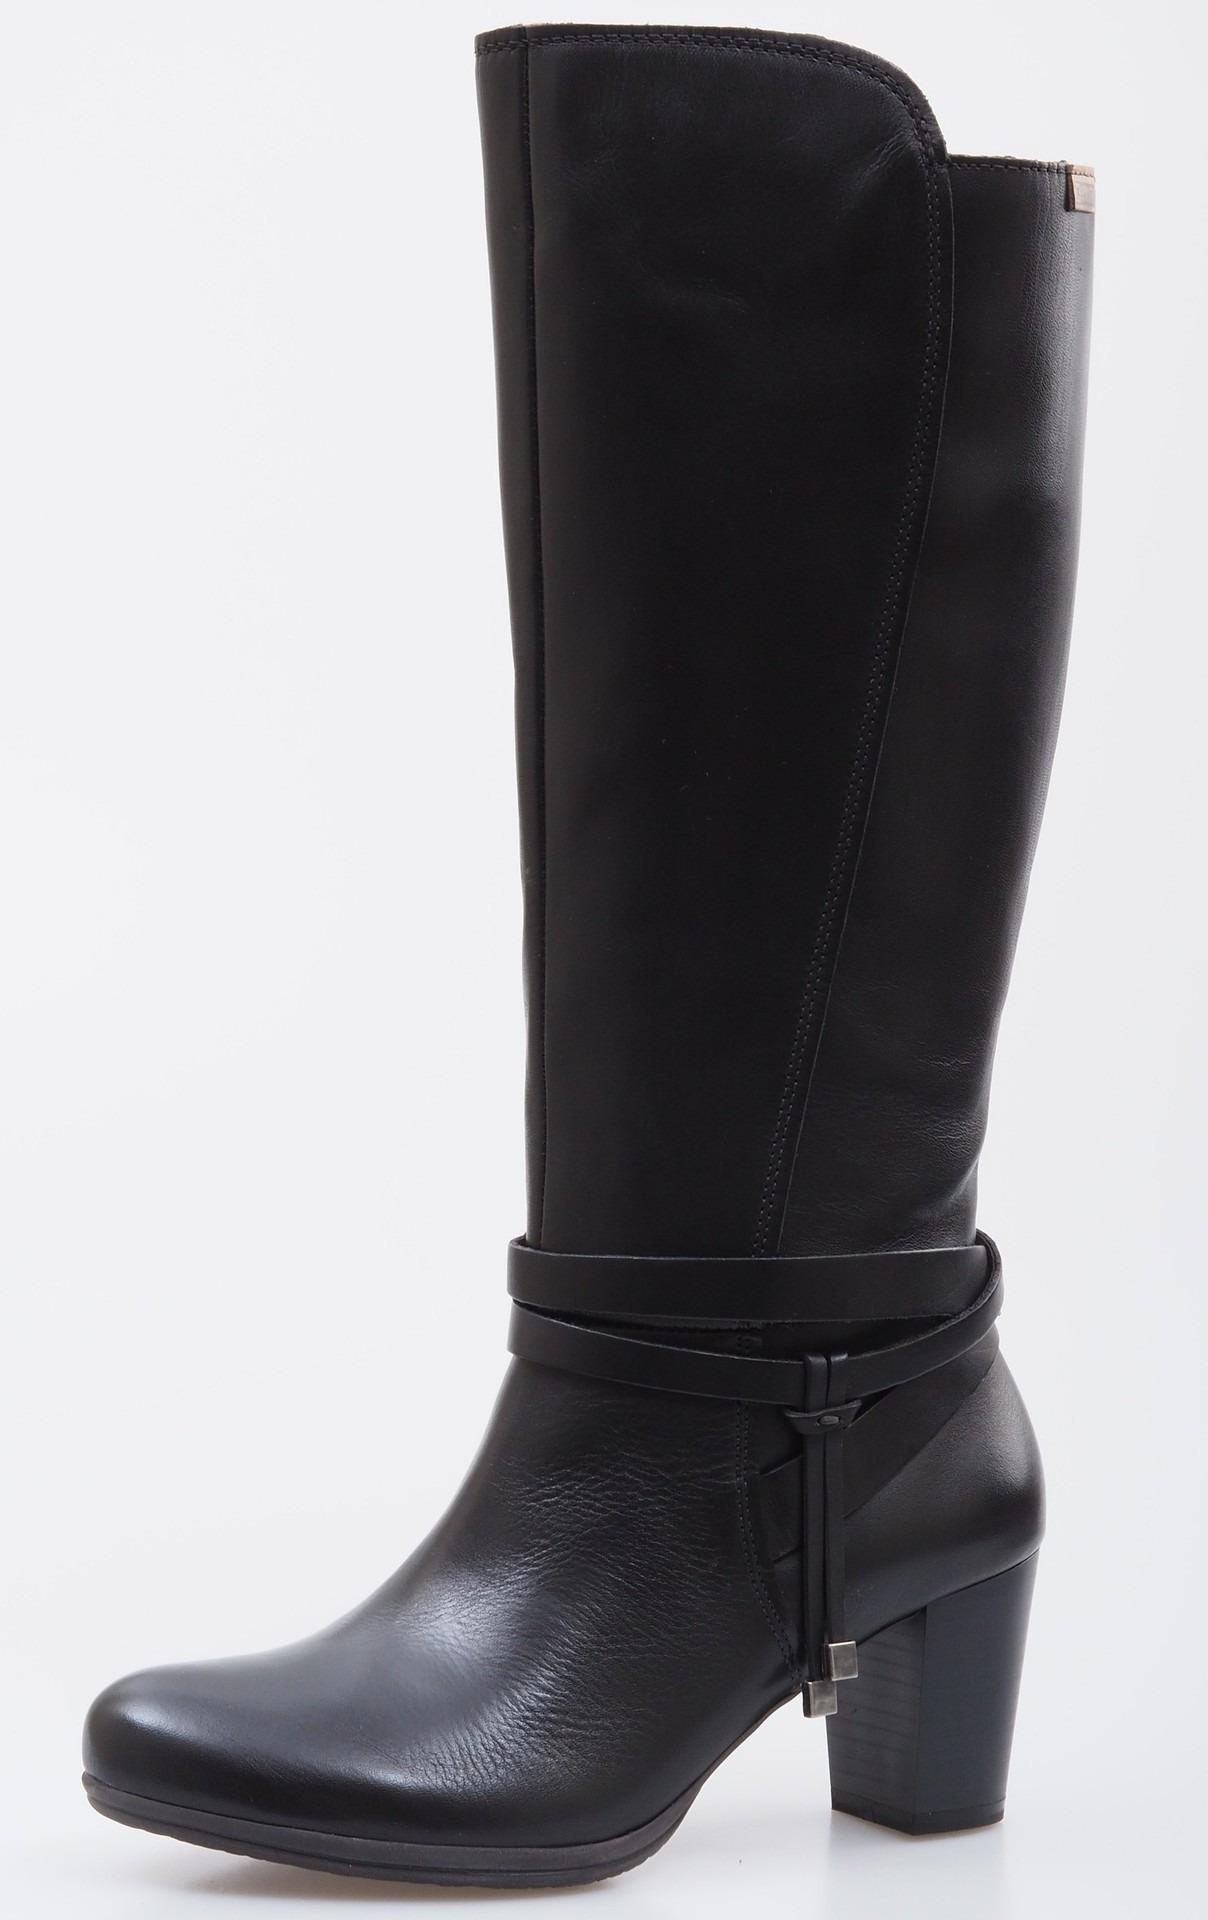 Soňa - Dámska obuv - Čižmy - Čierne kožené topánky Pikolinos 1afbd7e14c9